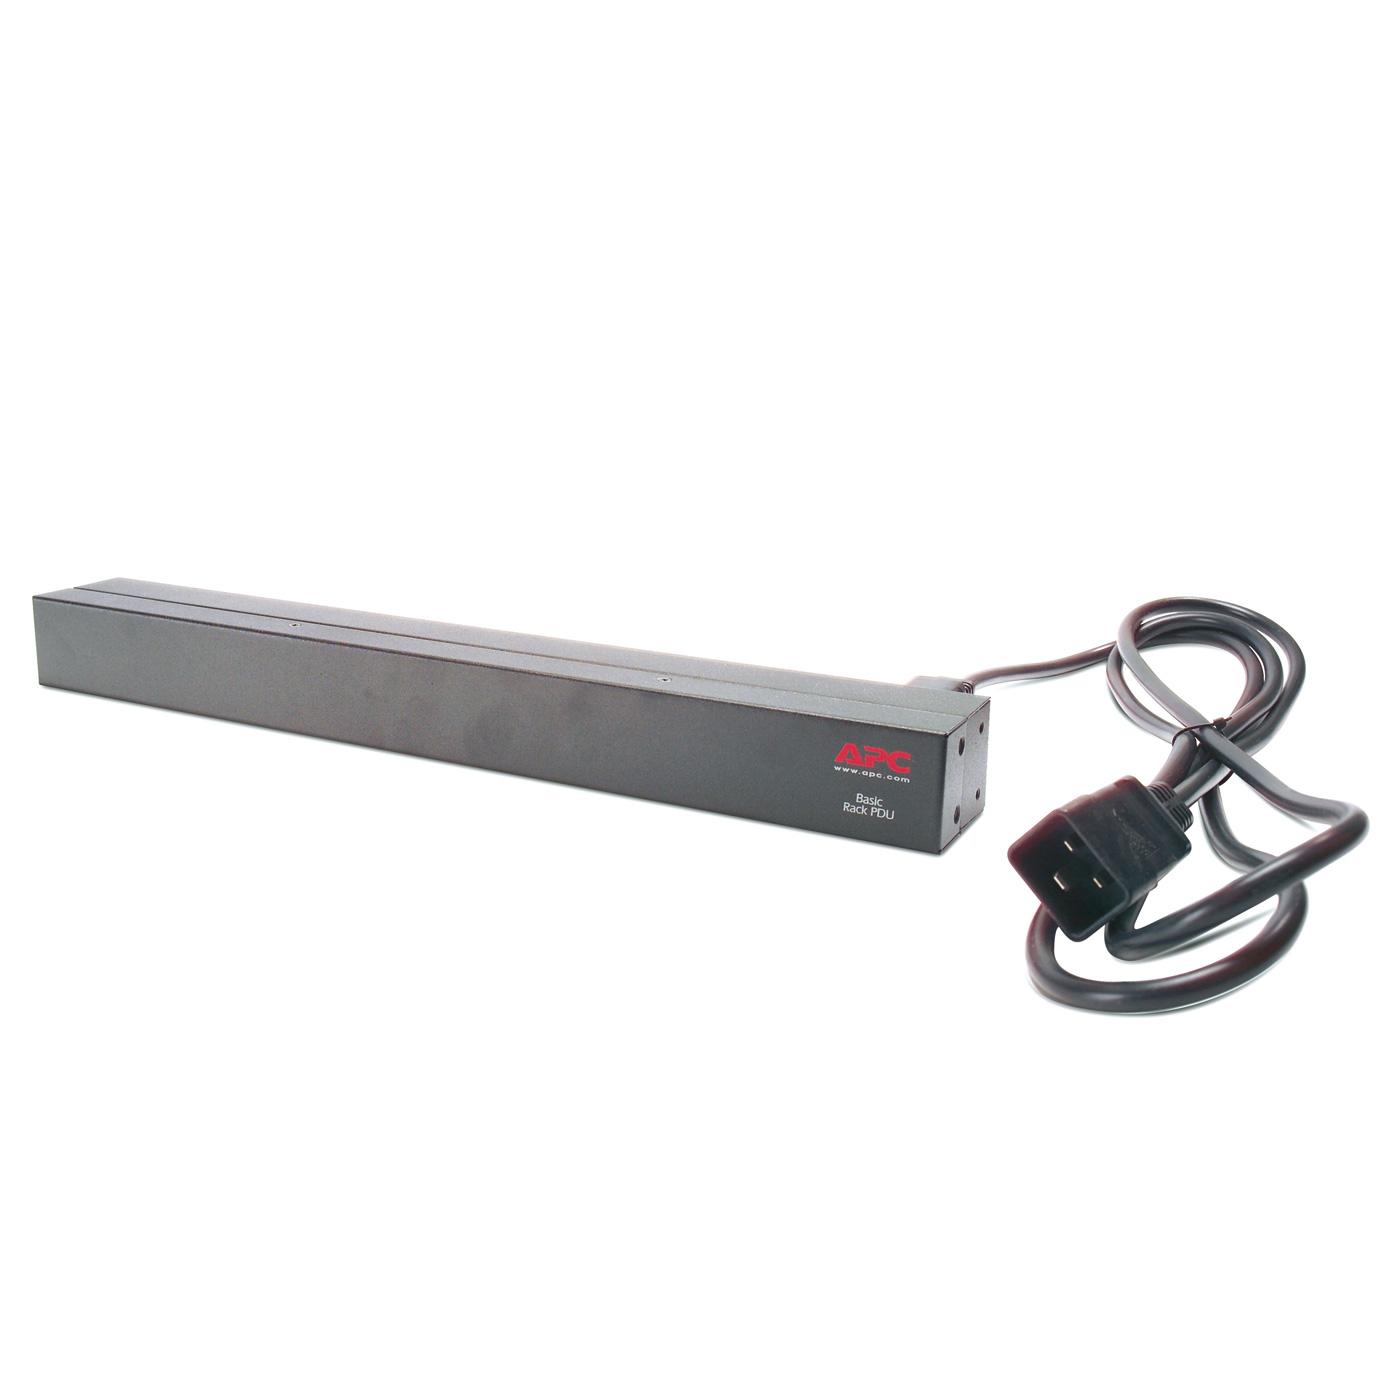 Rack APC Basic Rack PDU Unité de distribution d'alimentation 12 prises IEC 320 C13 200/230V 16A (Rack 1U)